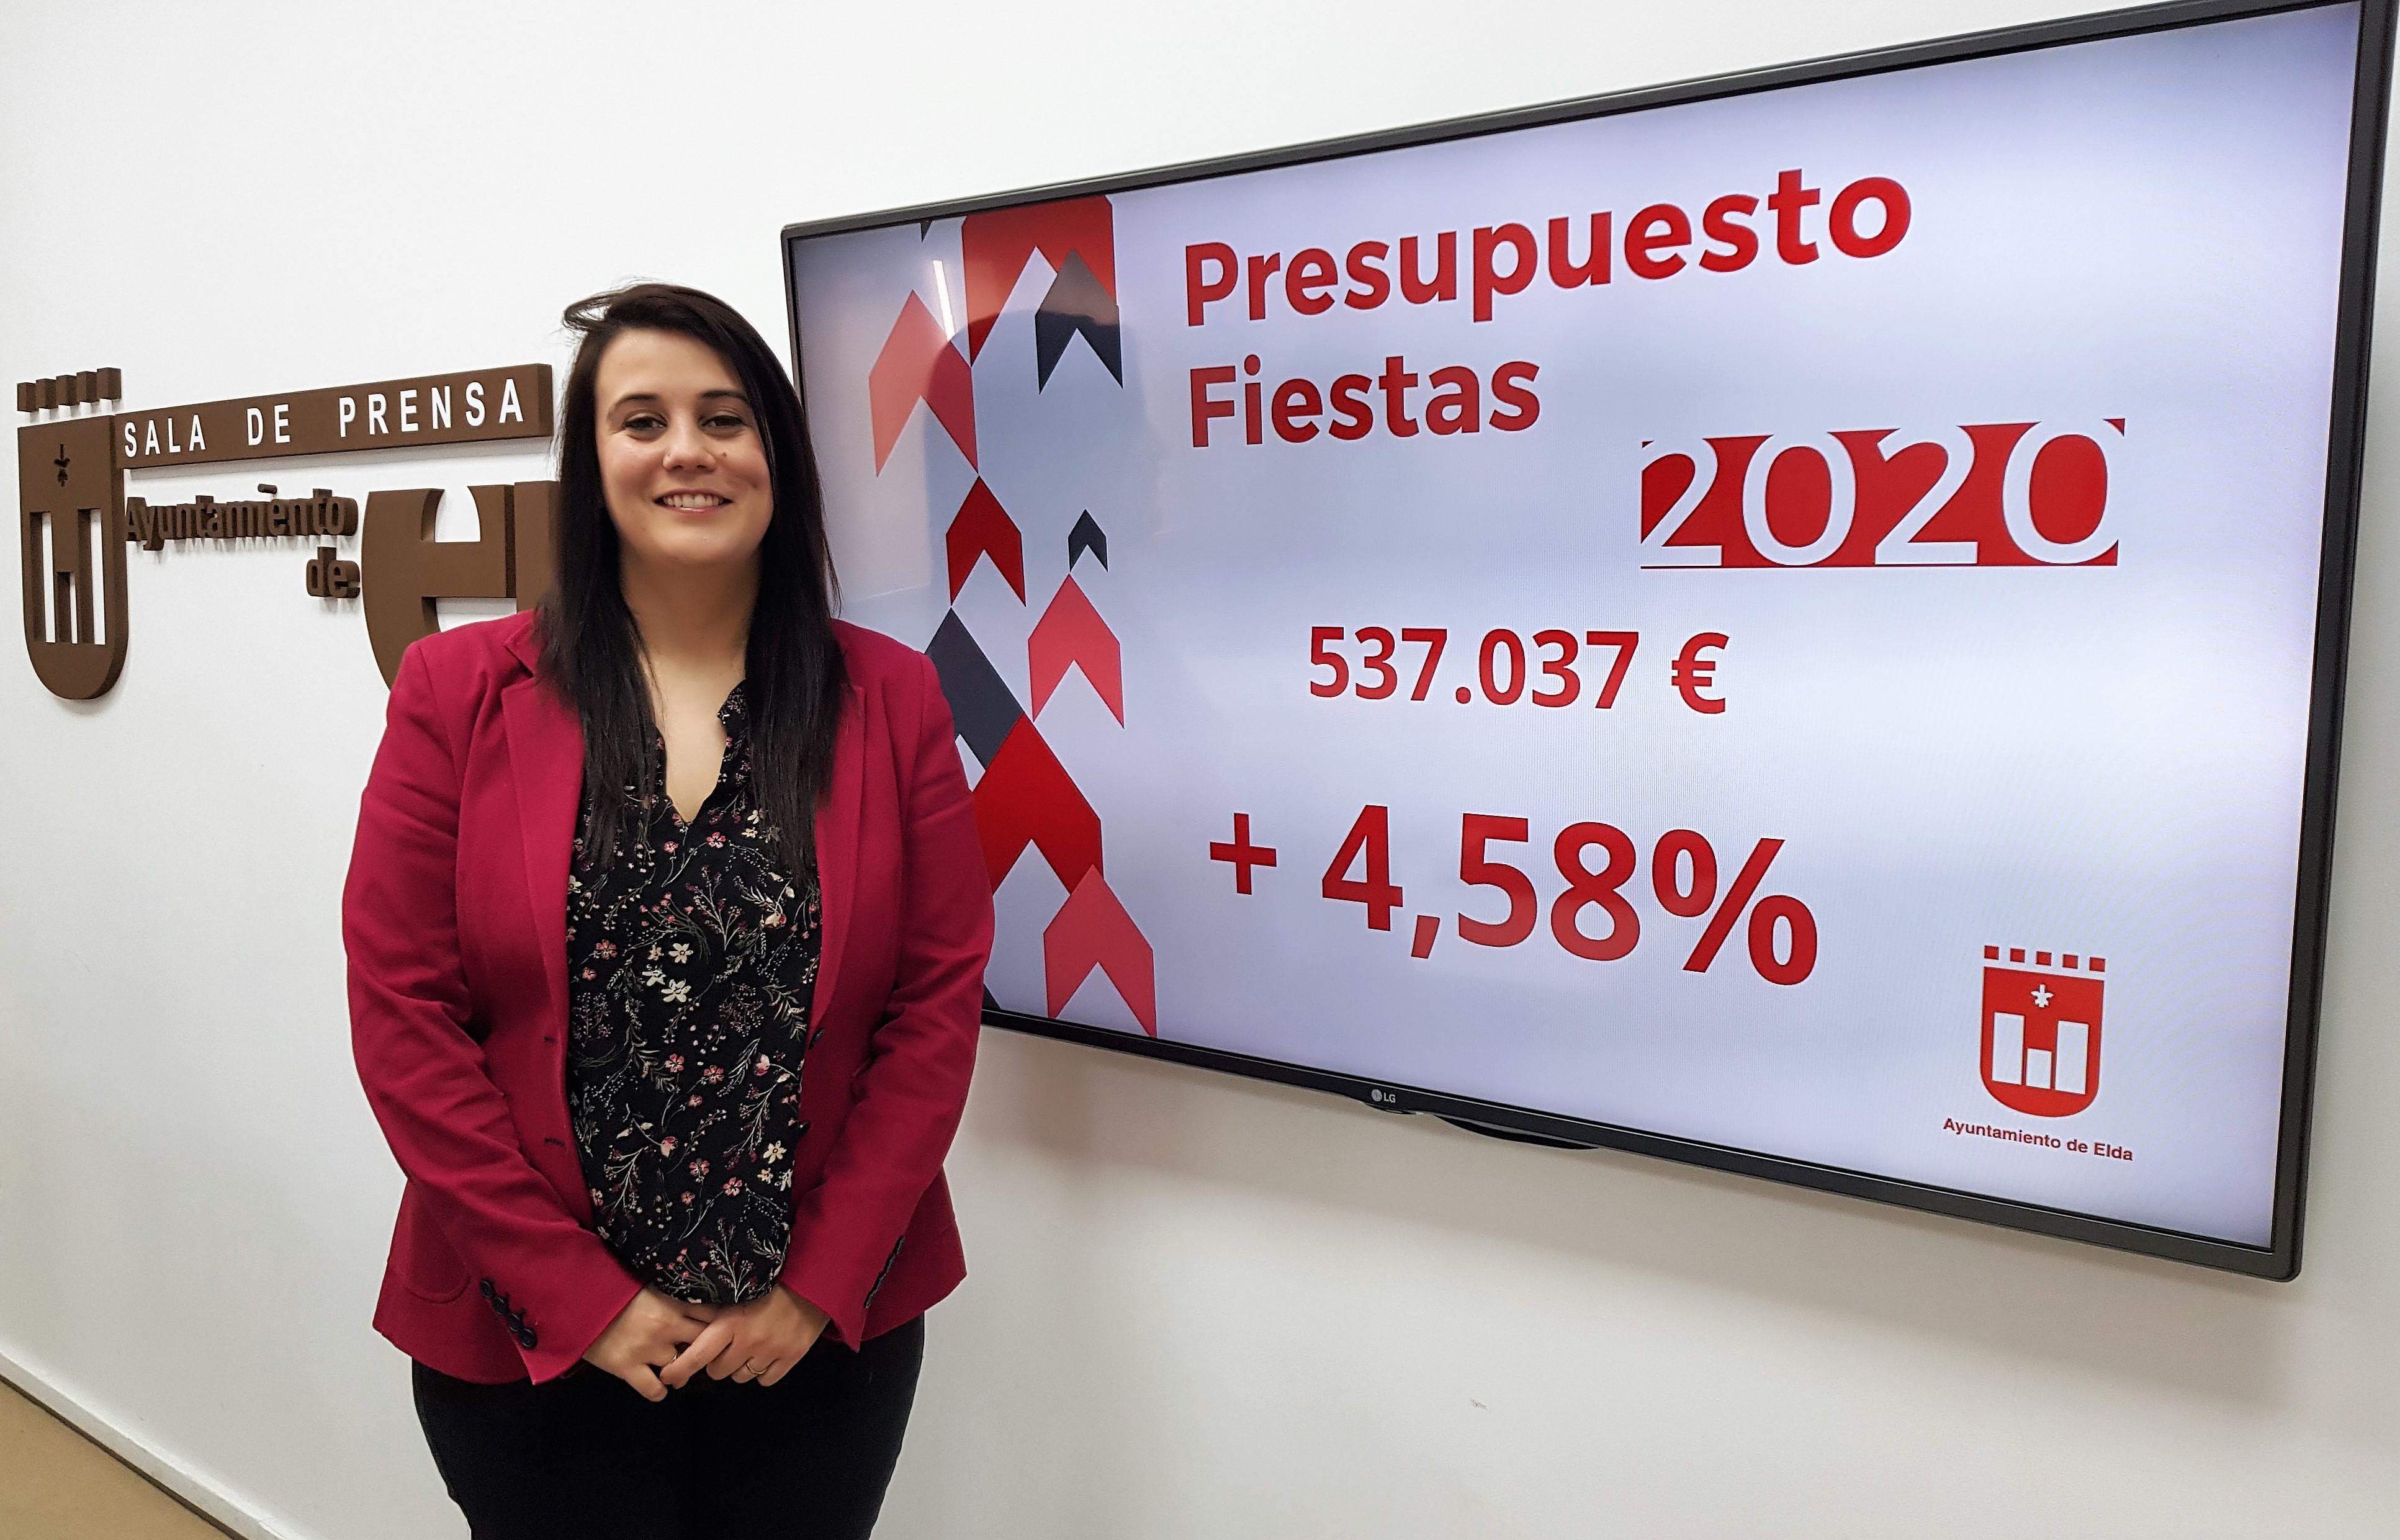 El Ayuntamiento de Elda impulsa las fiestas como motor económico y cultural de la ciudad con una aumento del presupuesto de la Concejalía del 4,58%